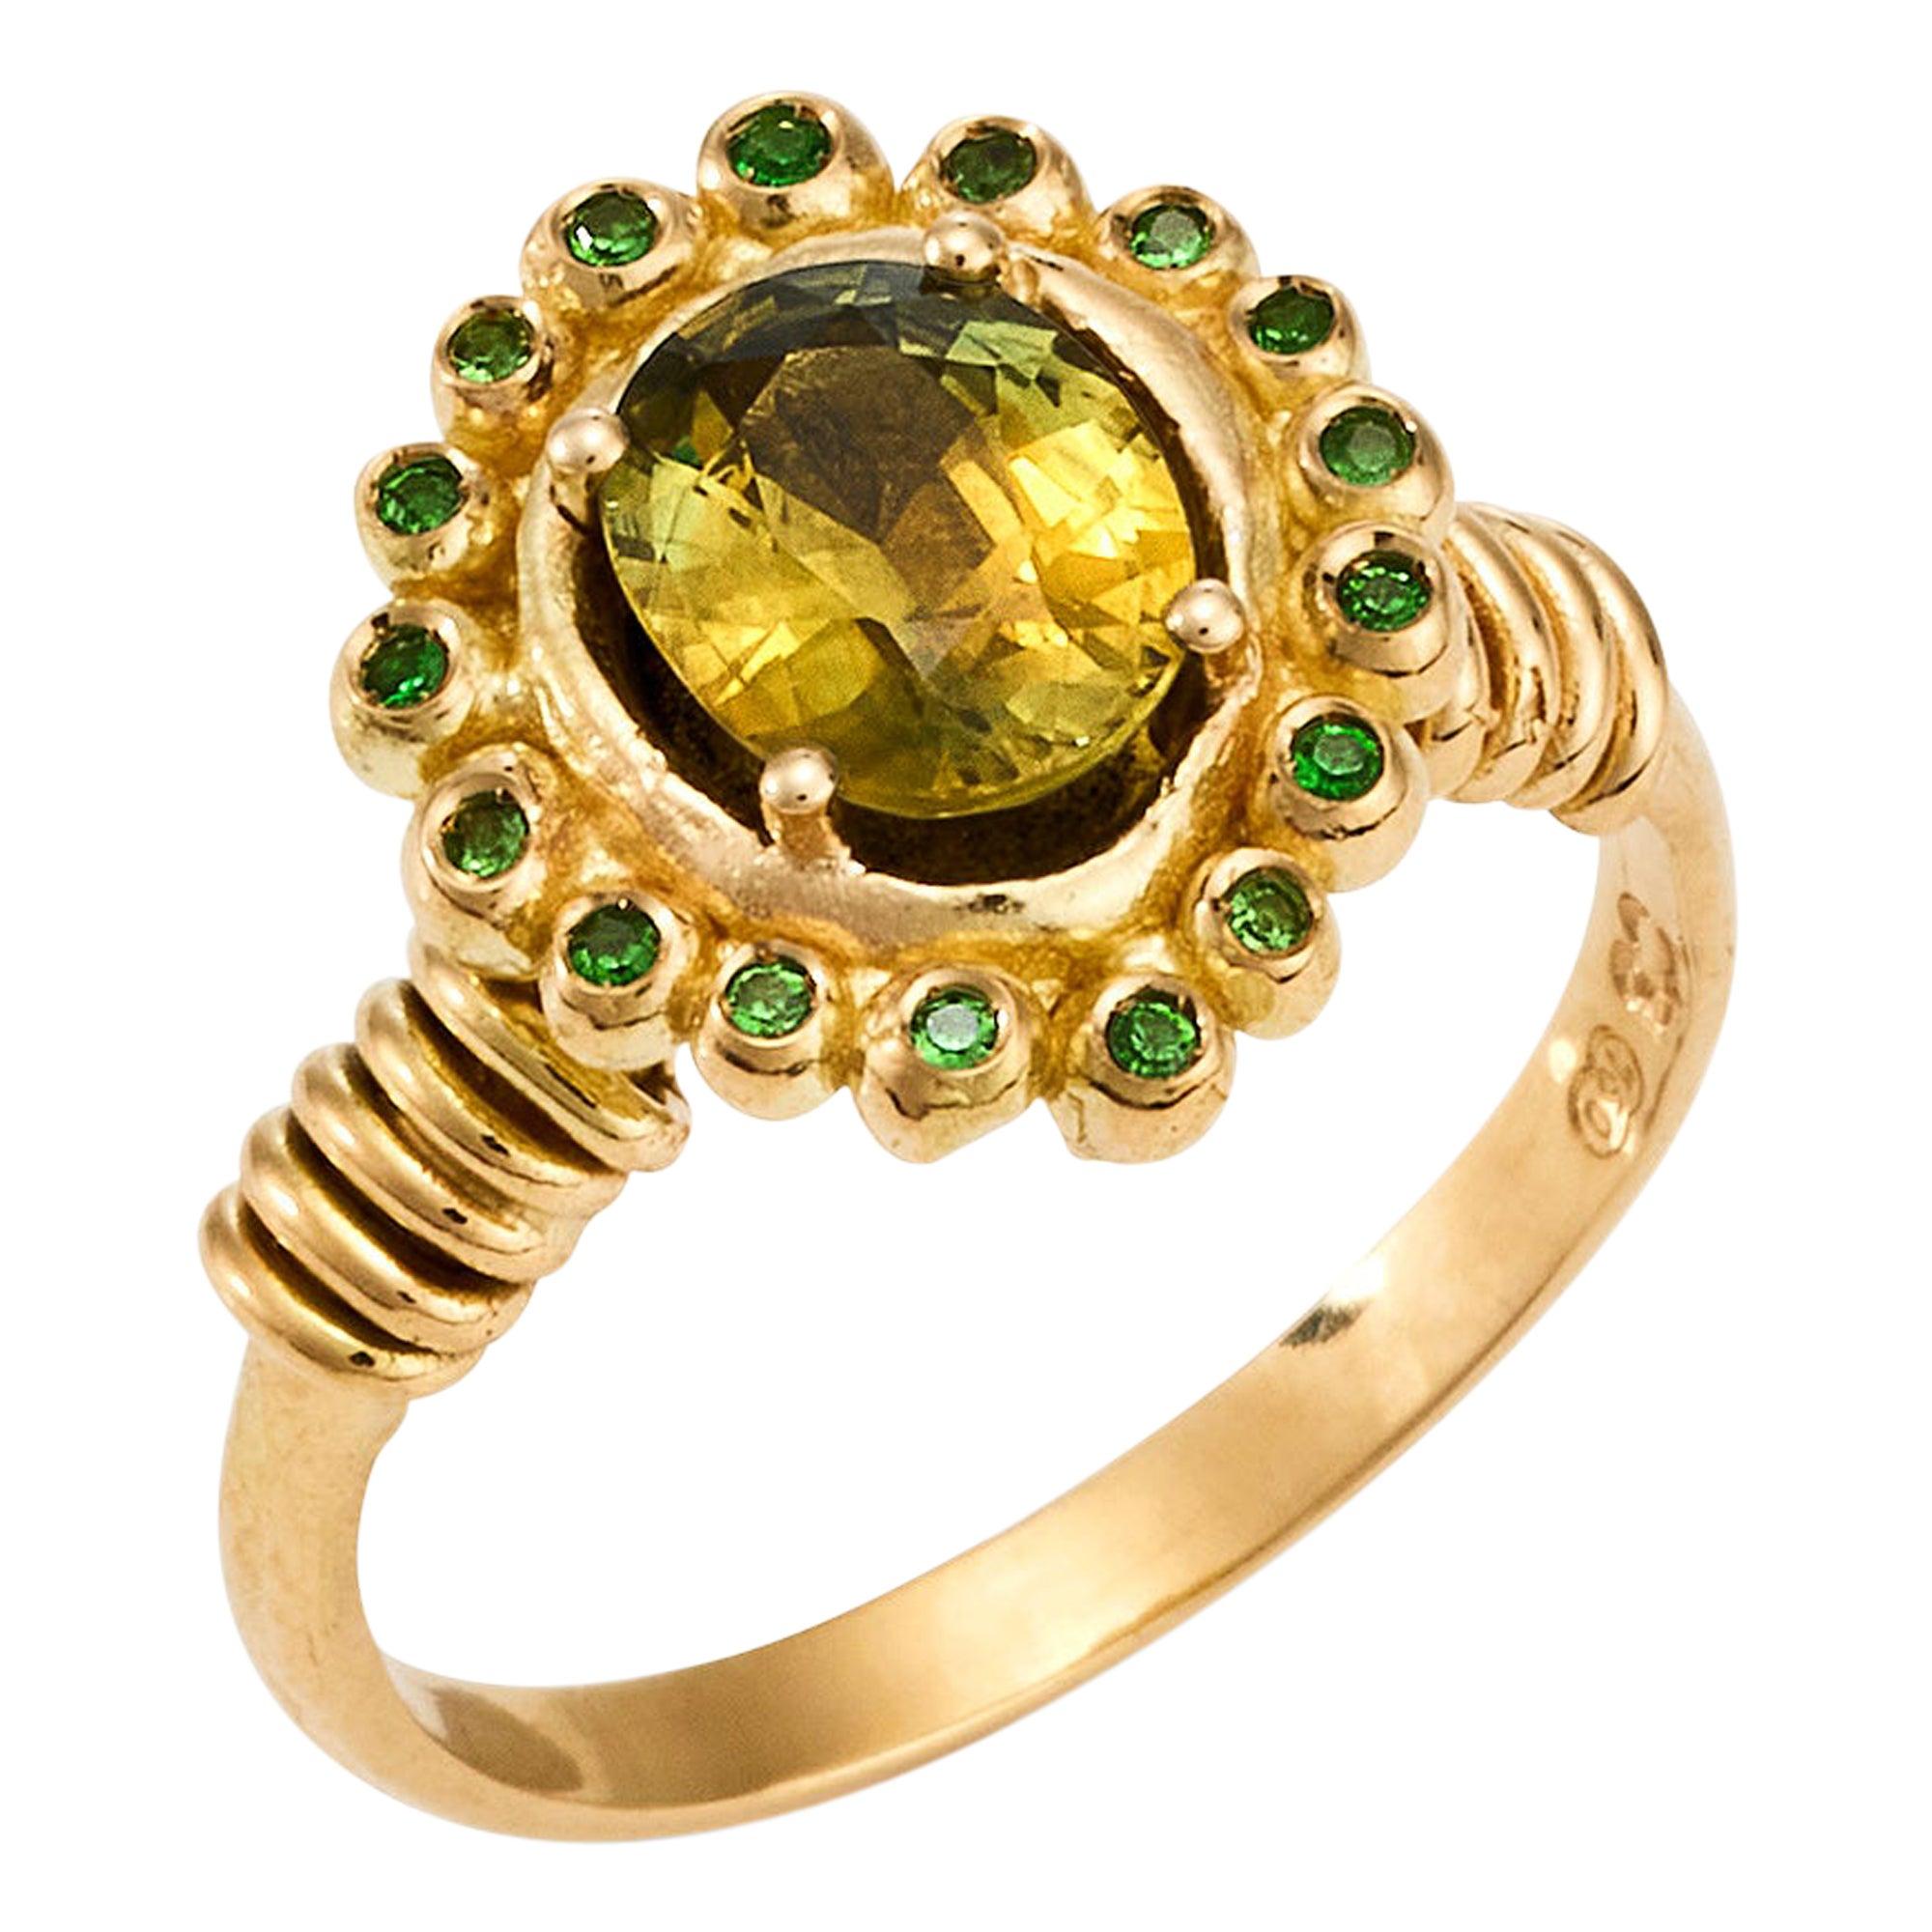 Eranthe Ring, 18 Karat Yellow Gold